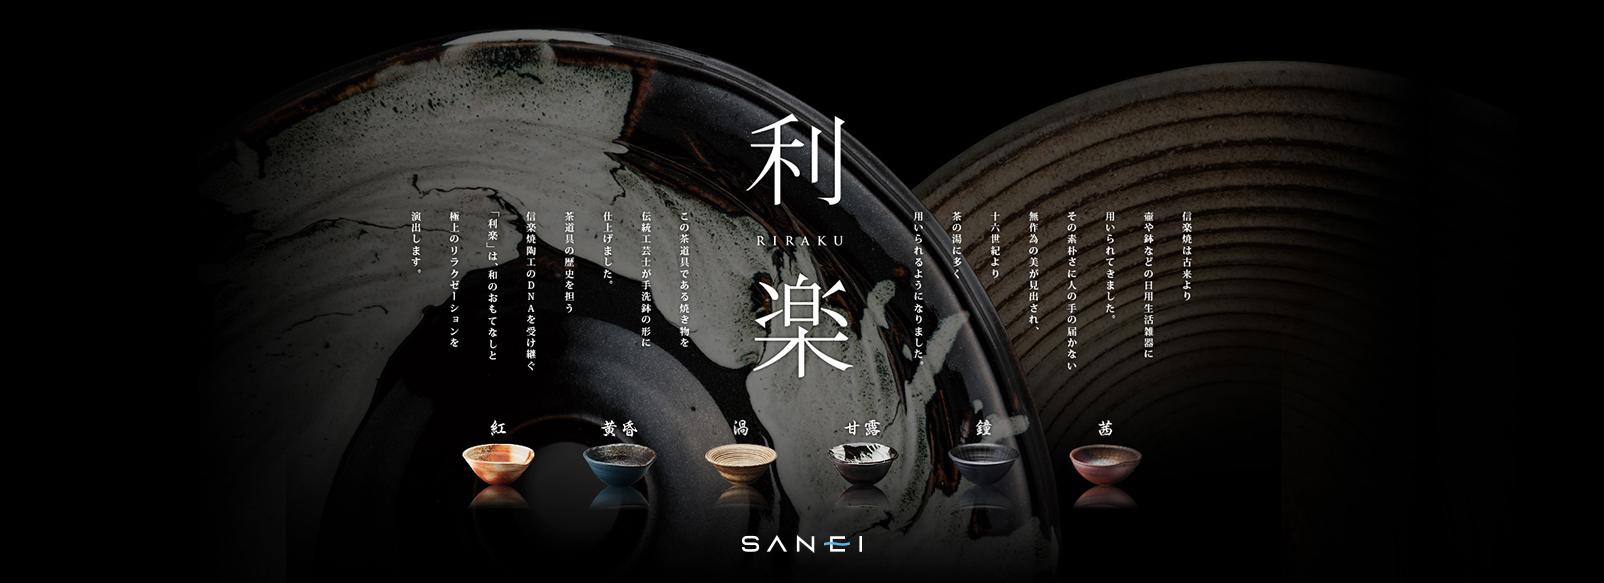 SANEI-01.jpg